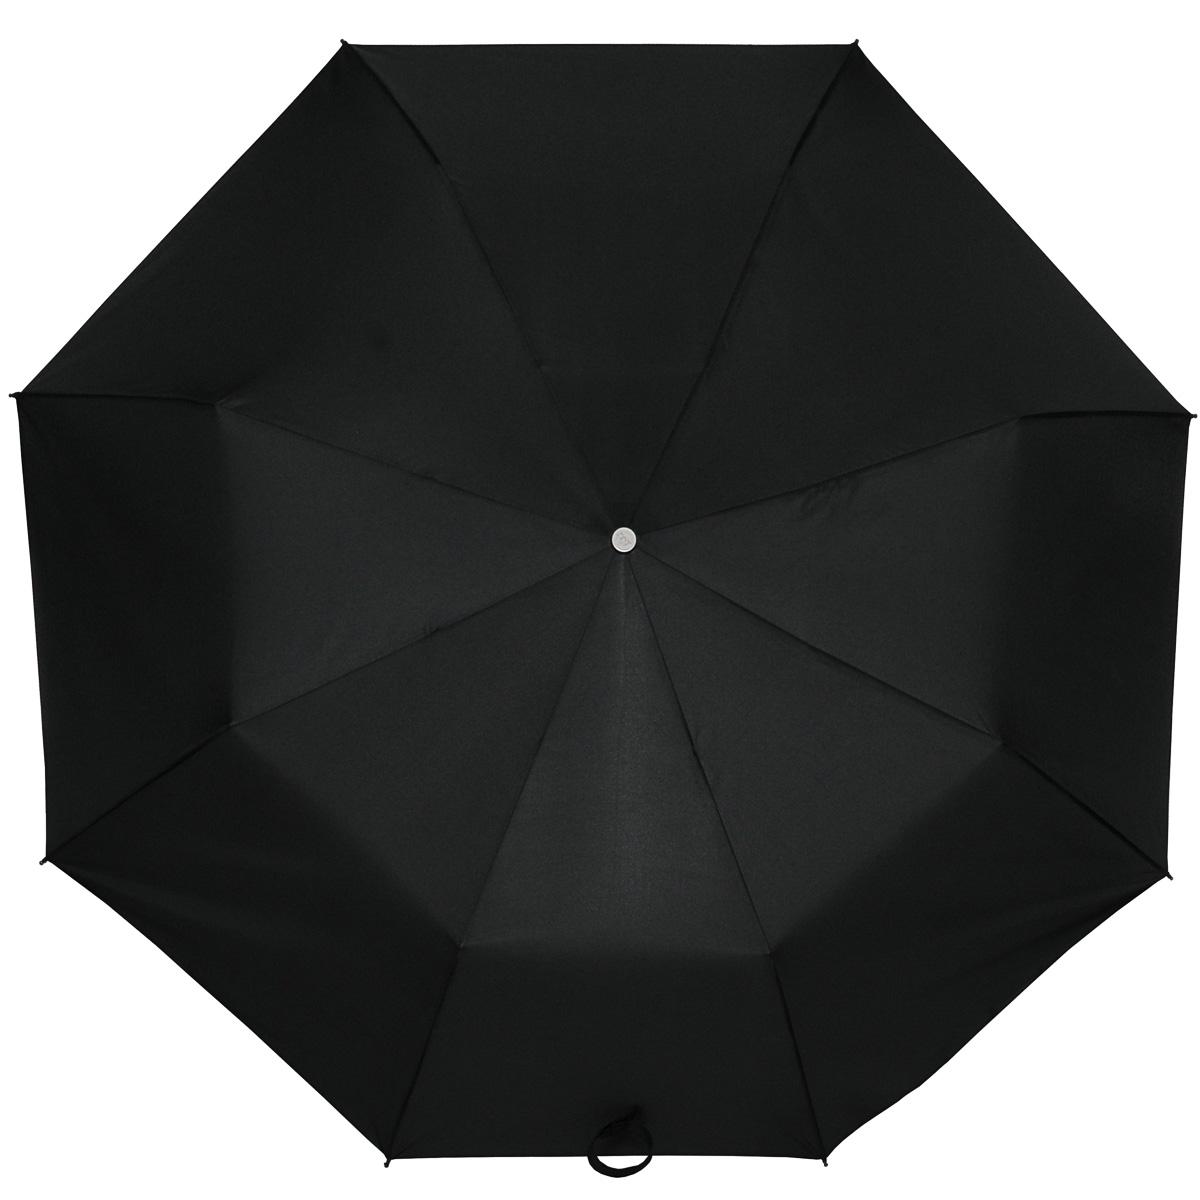 Зонт мужской Zest, автомат, 3 сложения. 13920 зонт мужской  zest   автомат  3